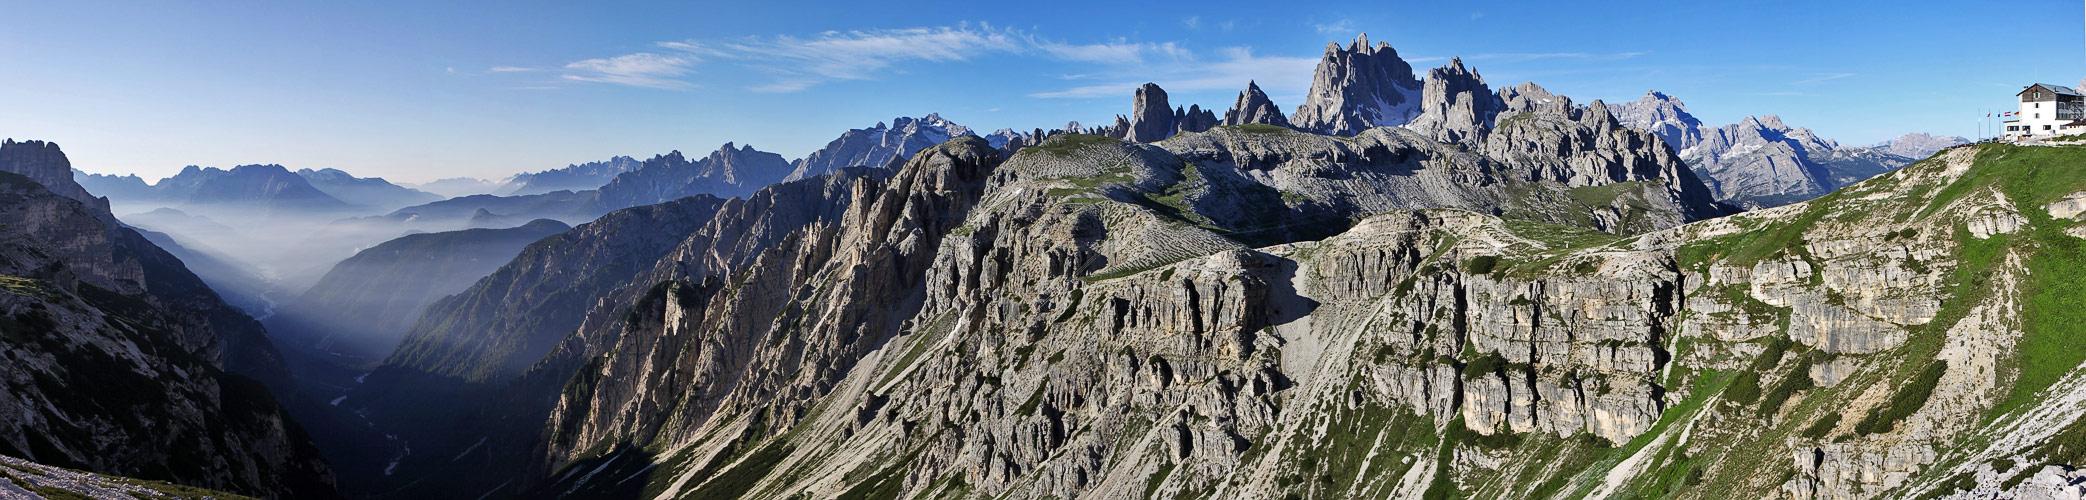 Cadini  und weitere Bergformationen mit Tiefblick vom Rifugio Auronzo aus